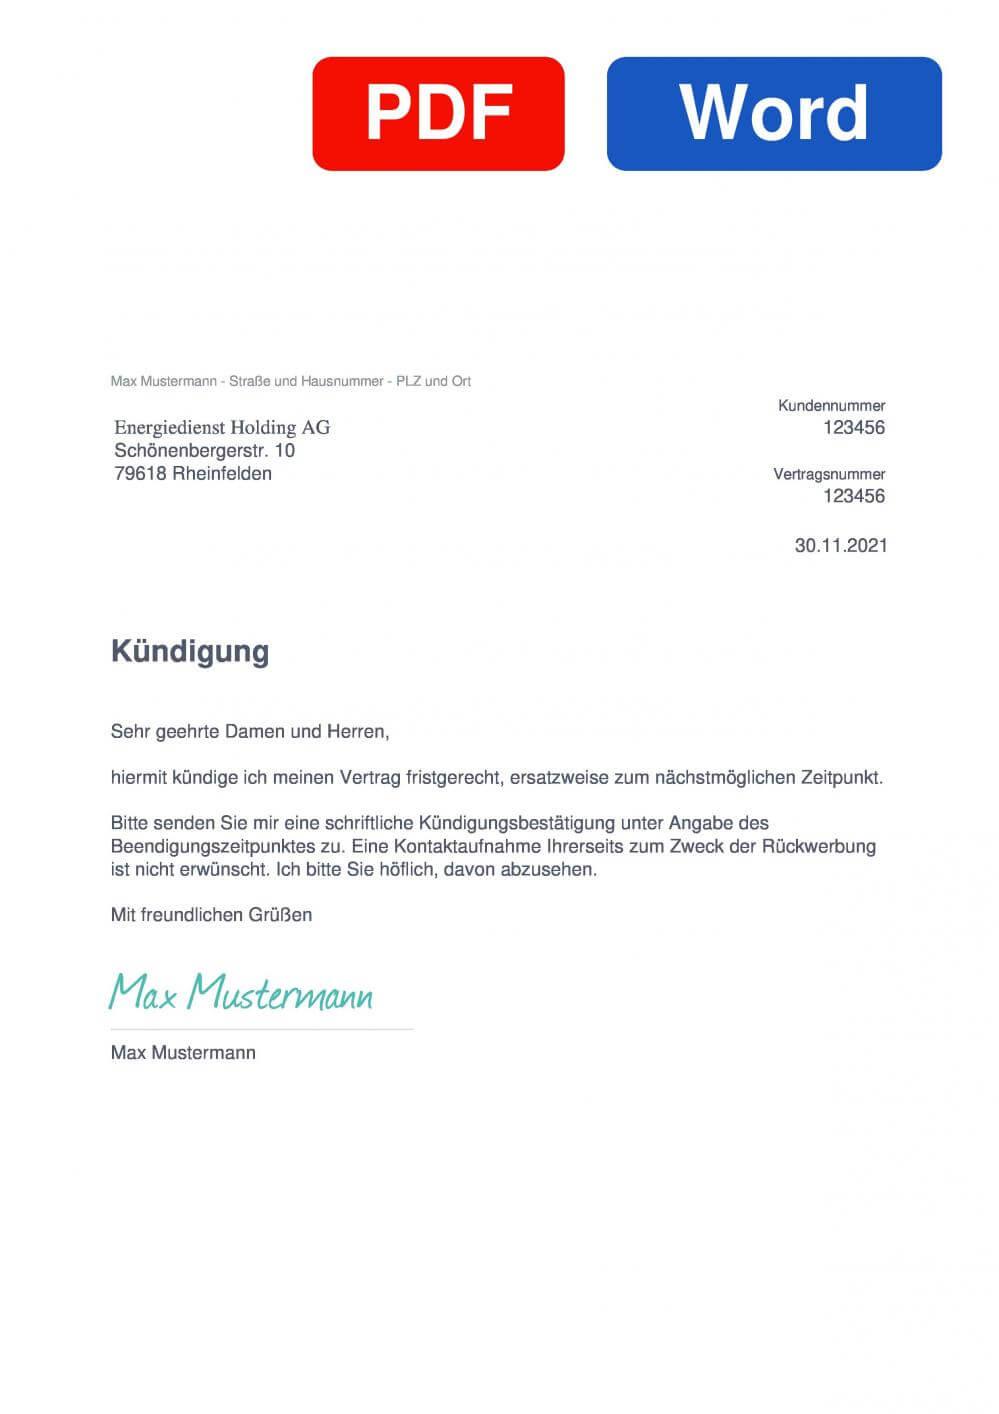 Energiedienst Muster Vorlage für Kündigungsschreiben